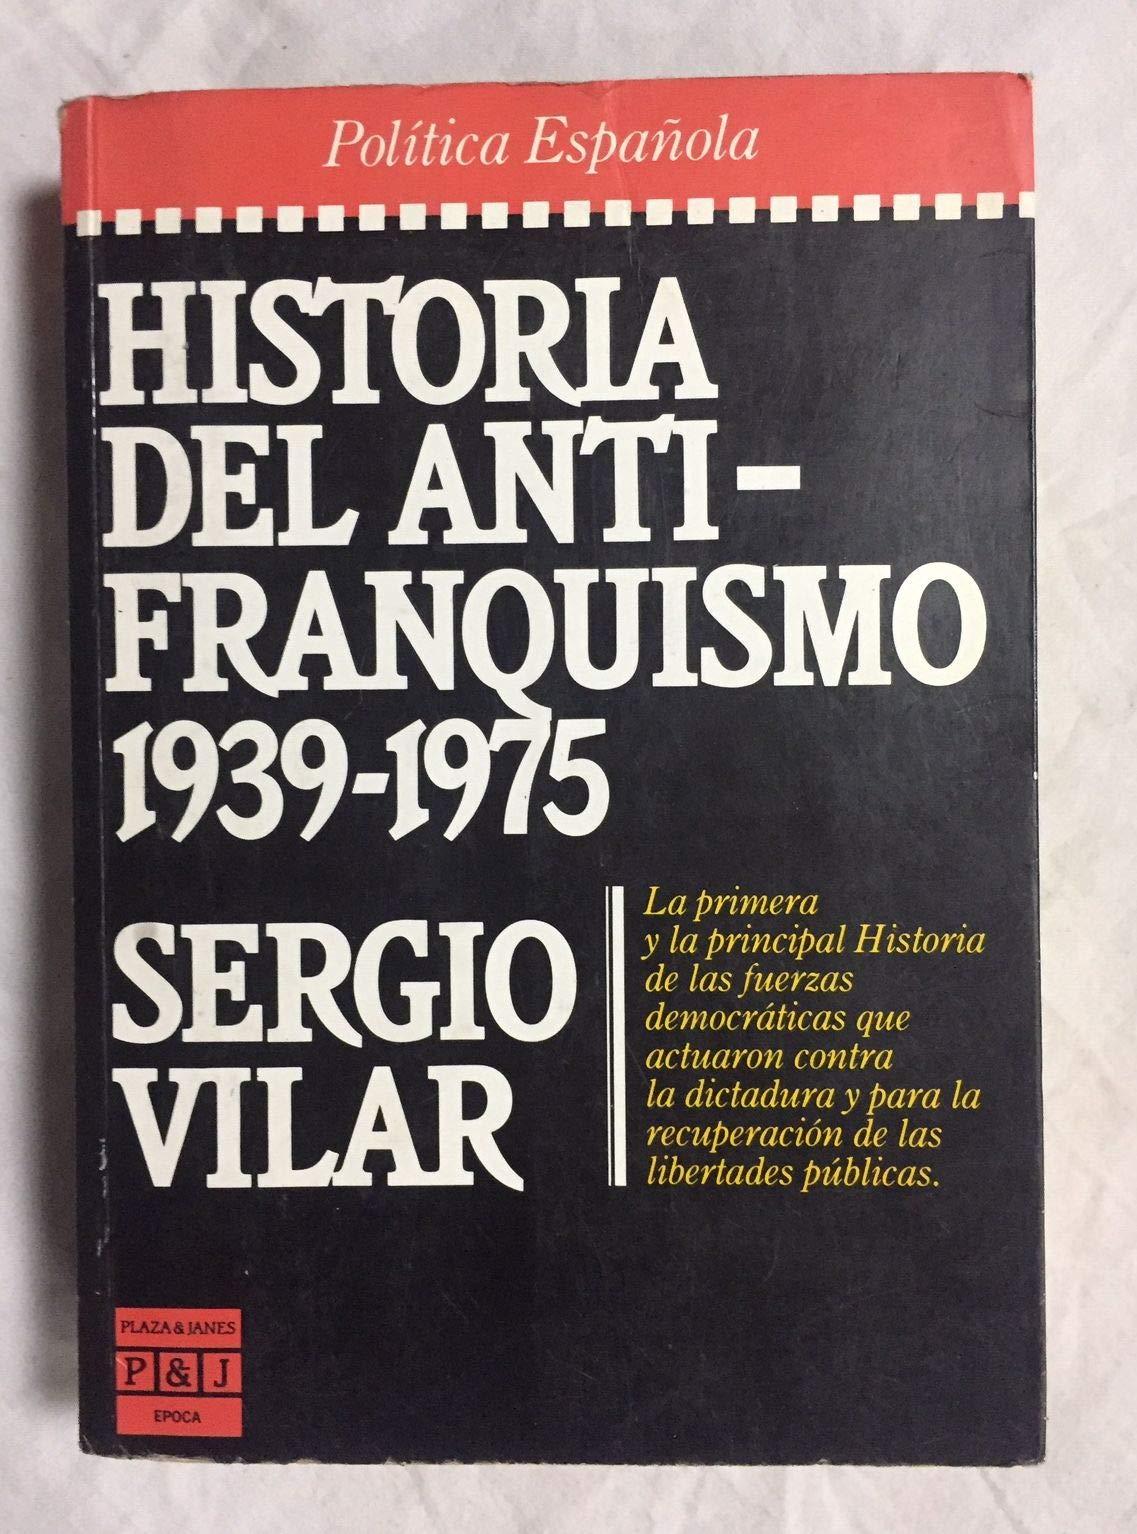 Historia del antifranquismo Epoca. Política española: Amazon.es: Vilar, Sergio: Libros